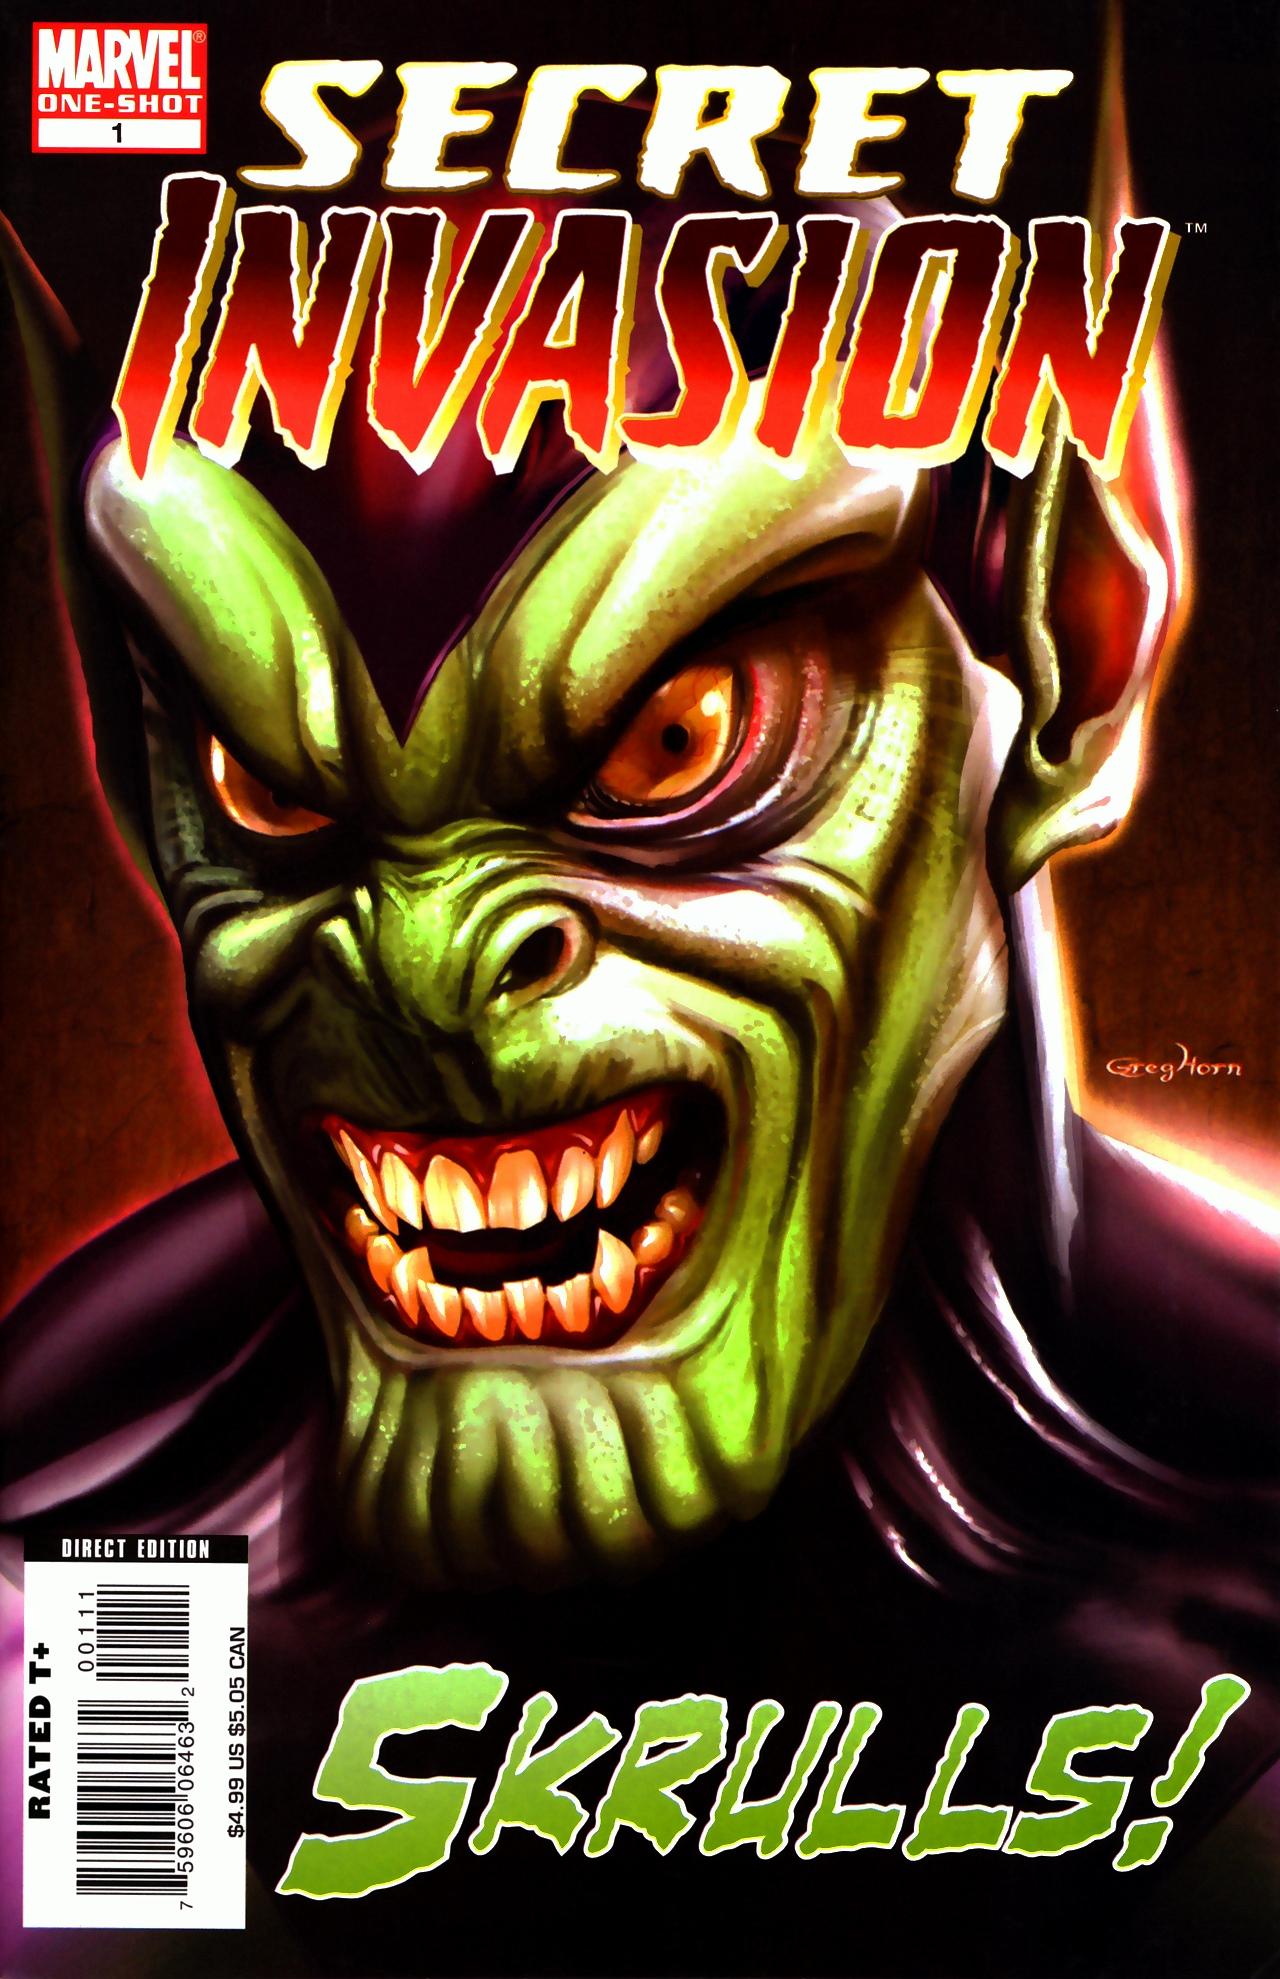 Read online Skrulls! comic -  Issue # Full - 1